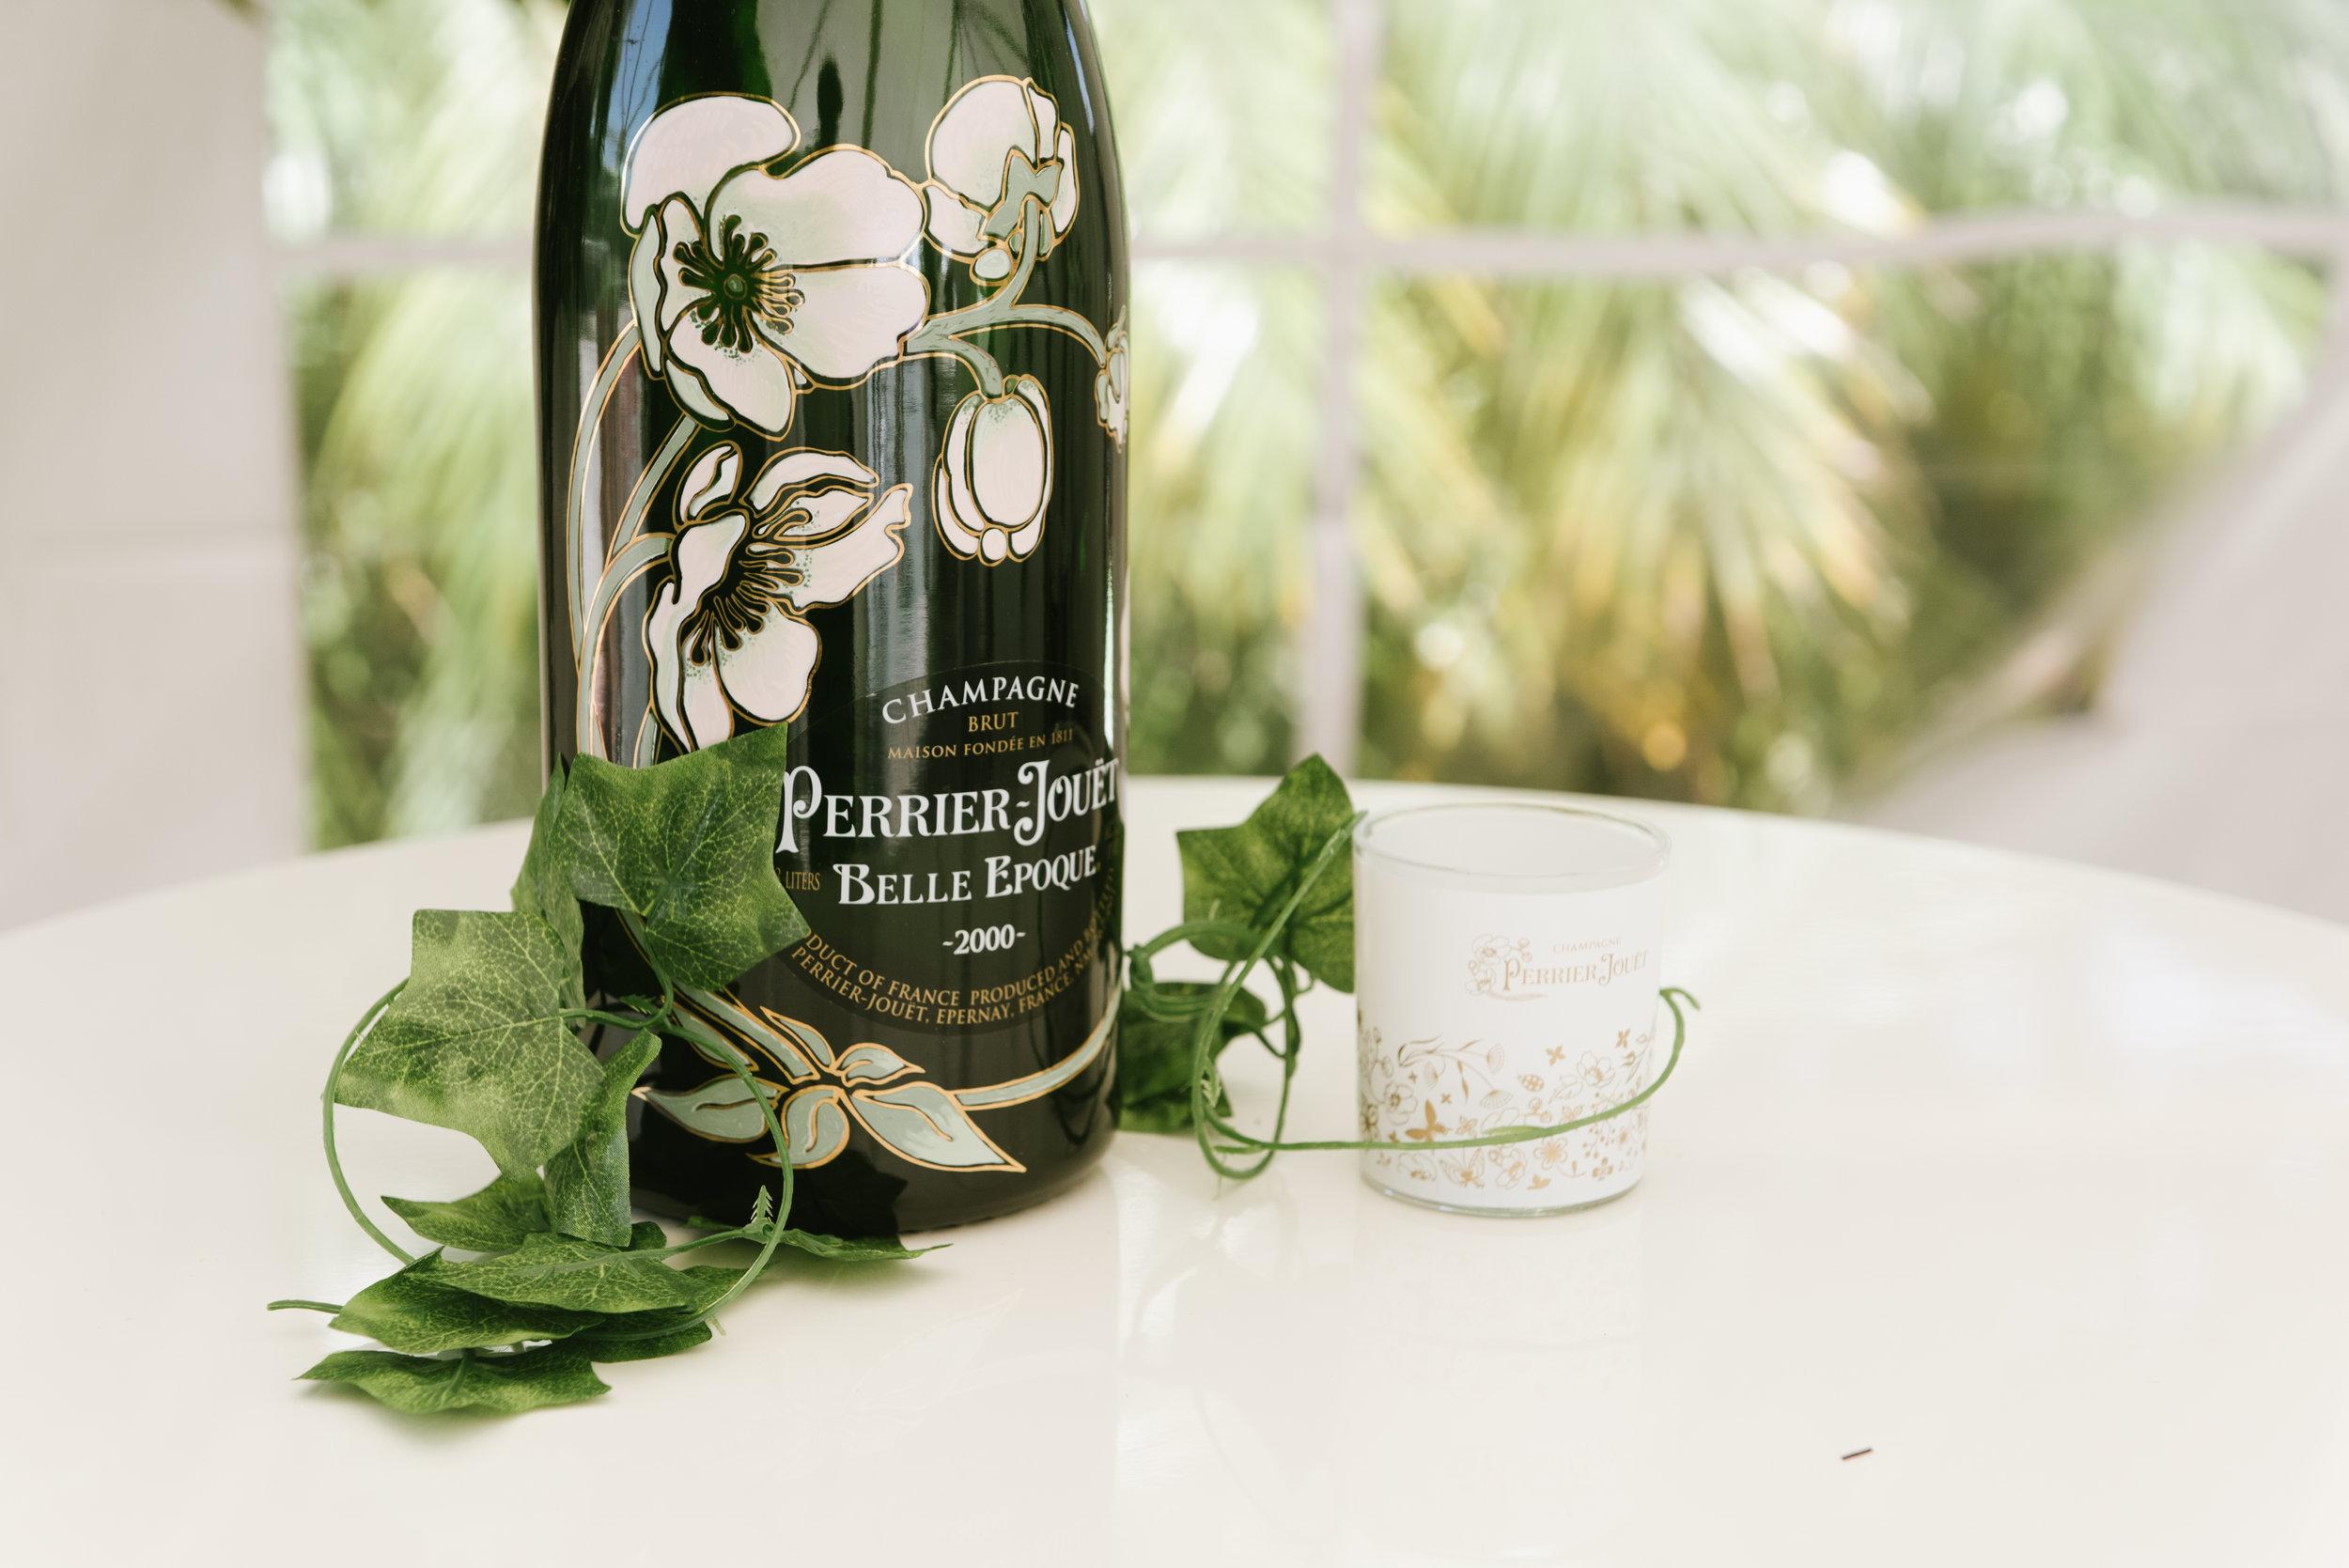 Pernod Ricard_Perrier Jouet_Cole Beal-21.jpg